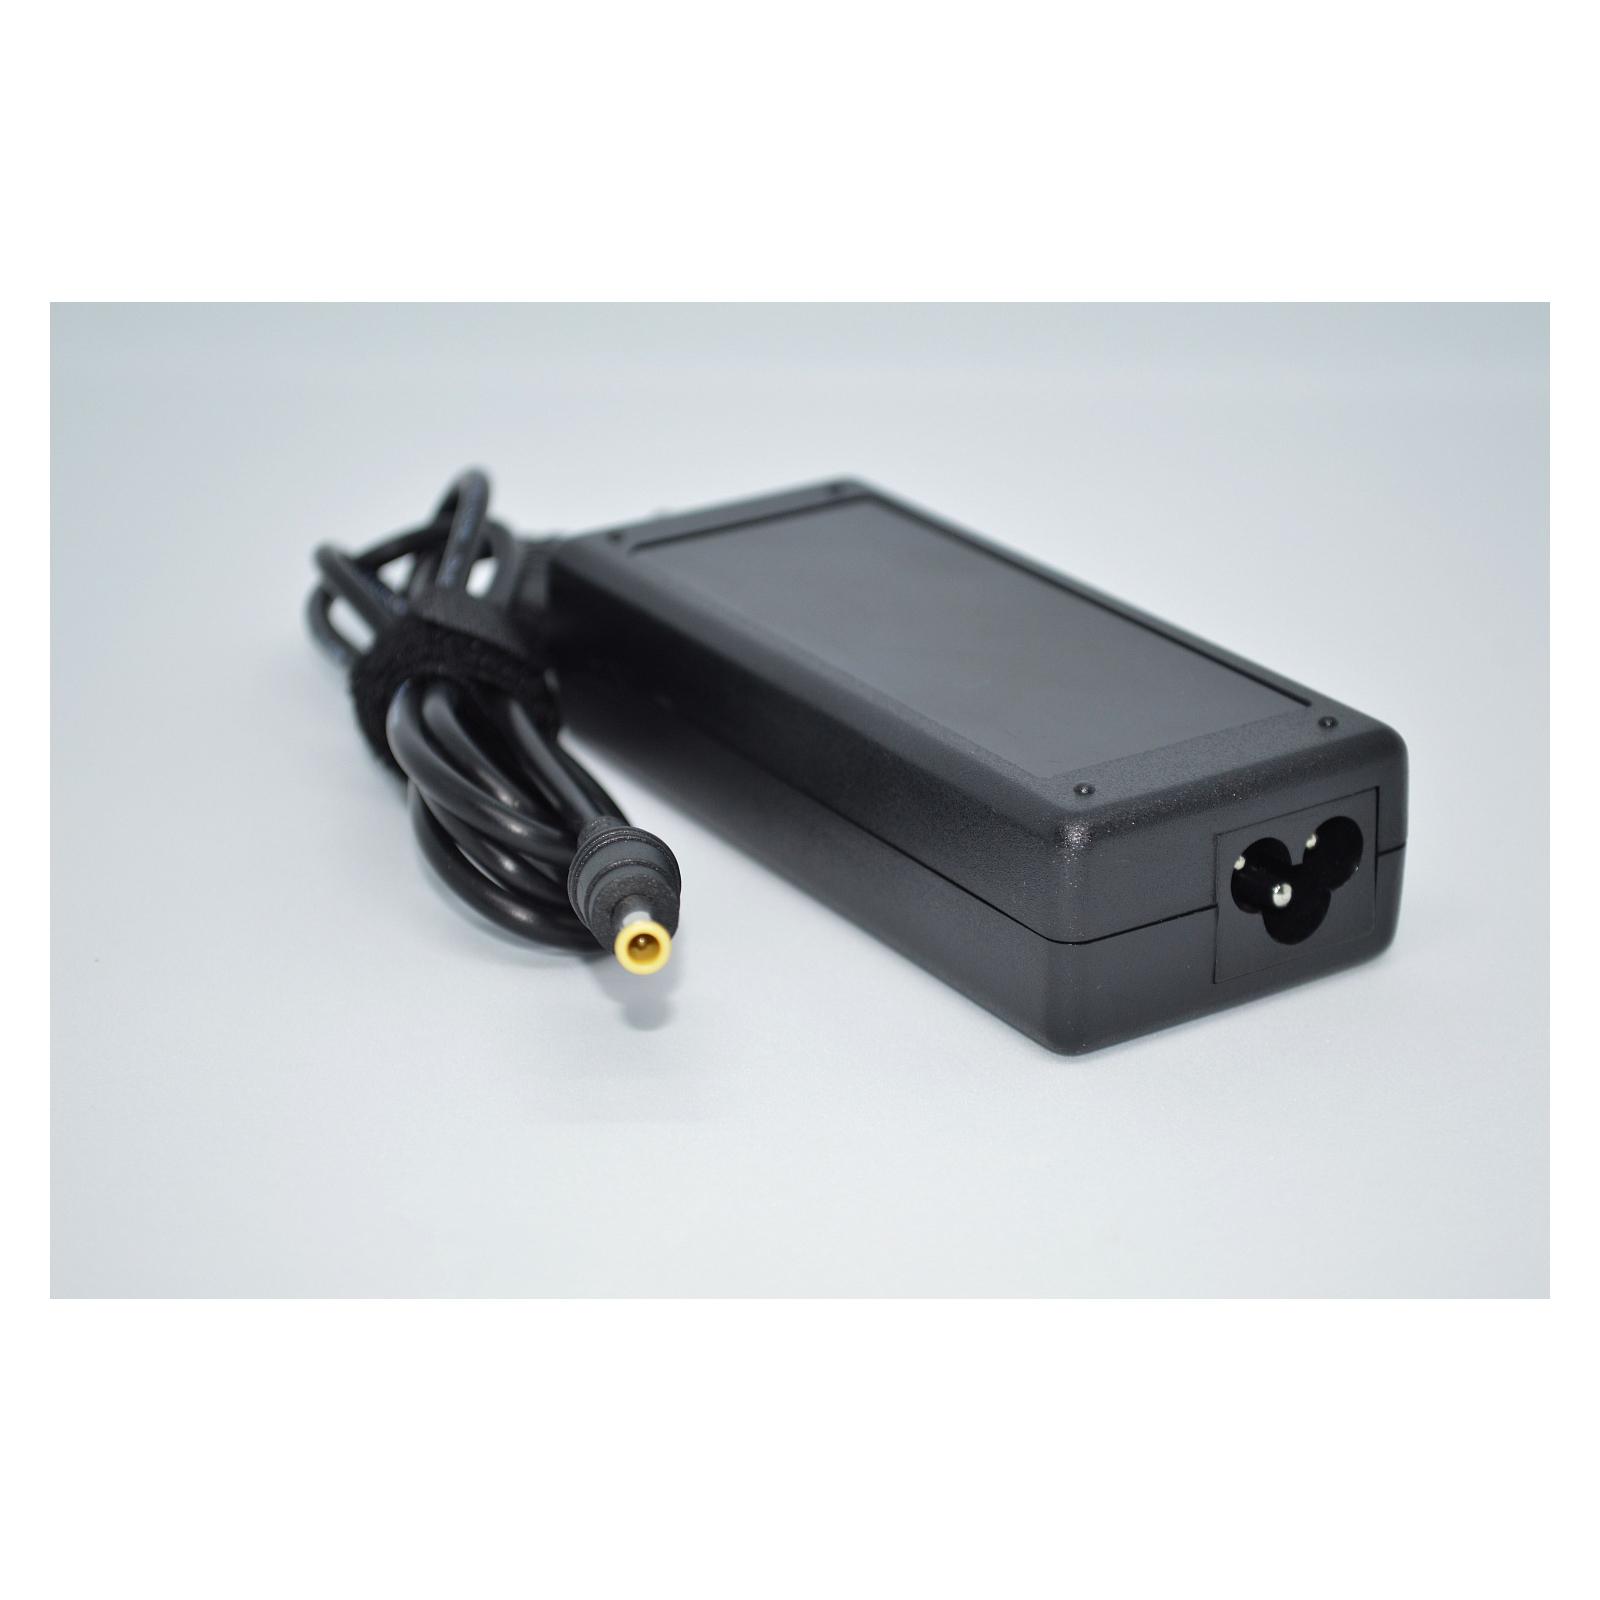 Блок питания для монитора Drobak для LCD мониторов Samsung 14V 3.5A 49W разъем 5.5*3.0 (141608) изображение 2